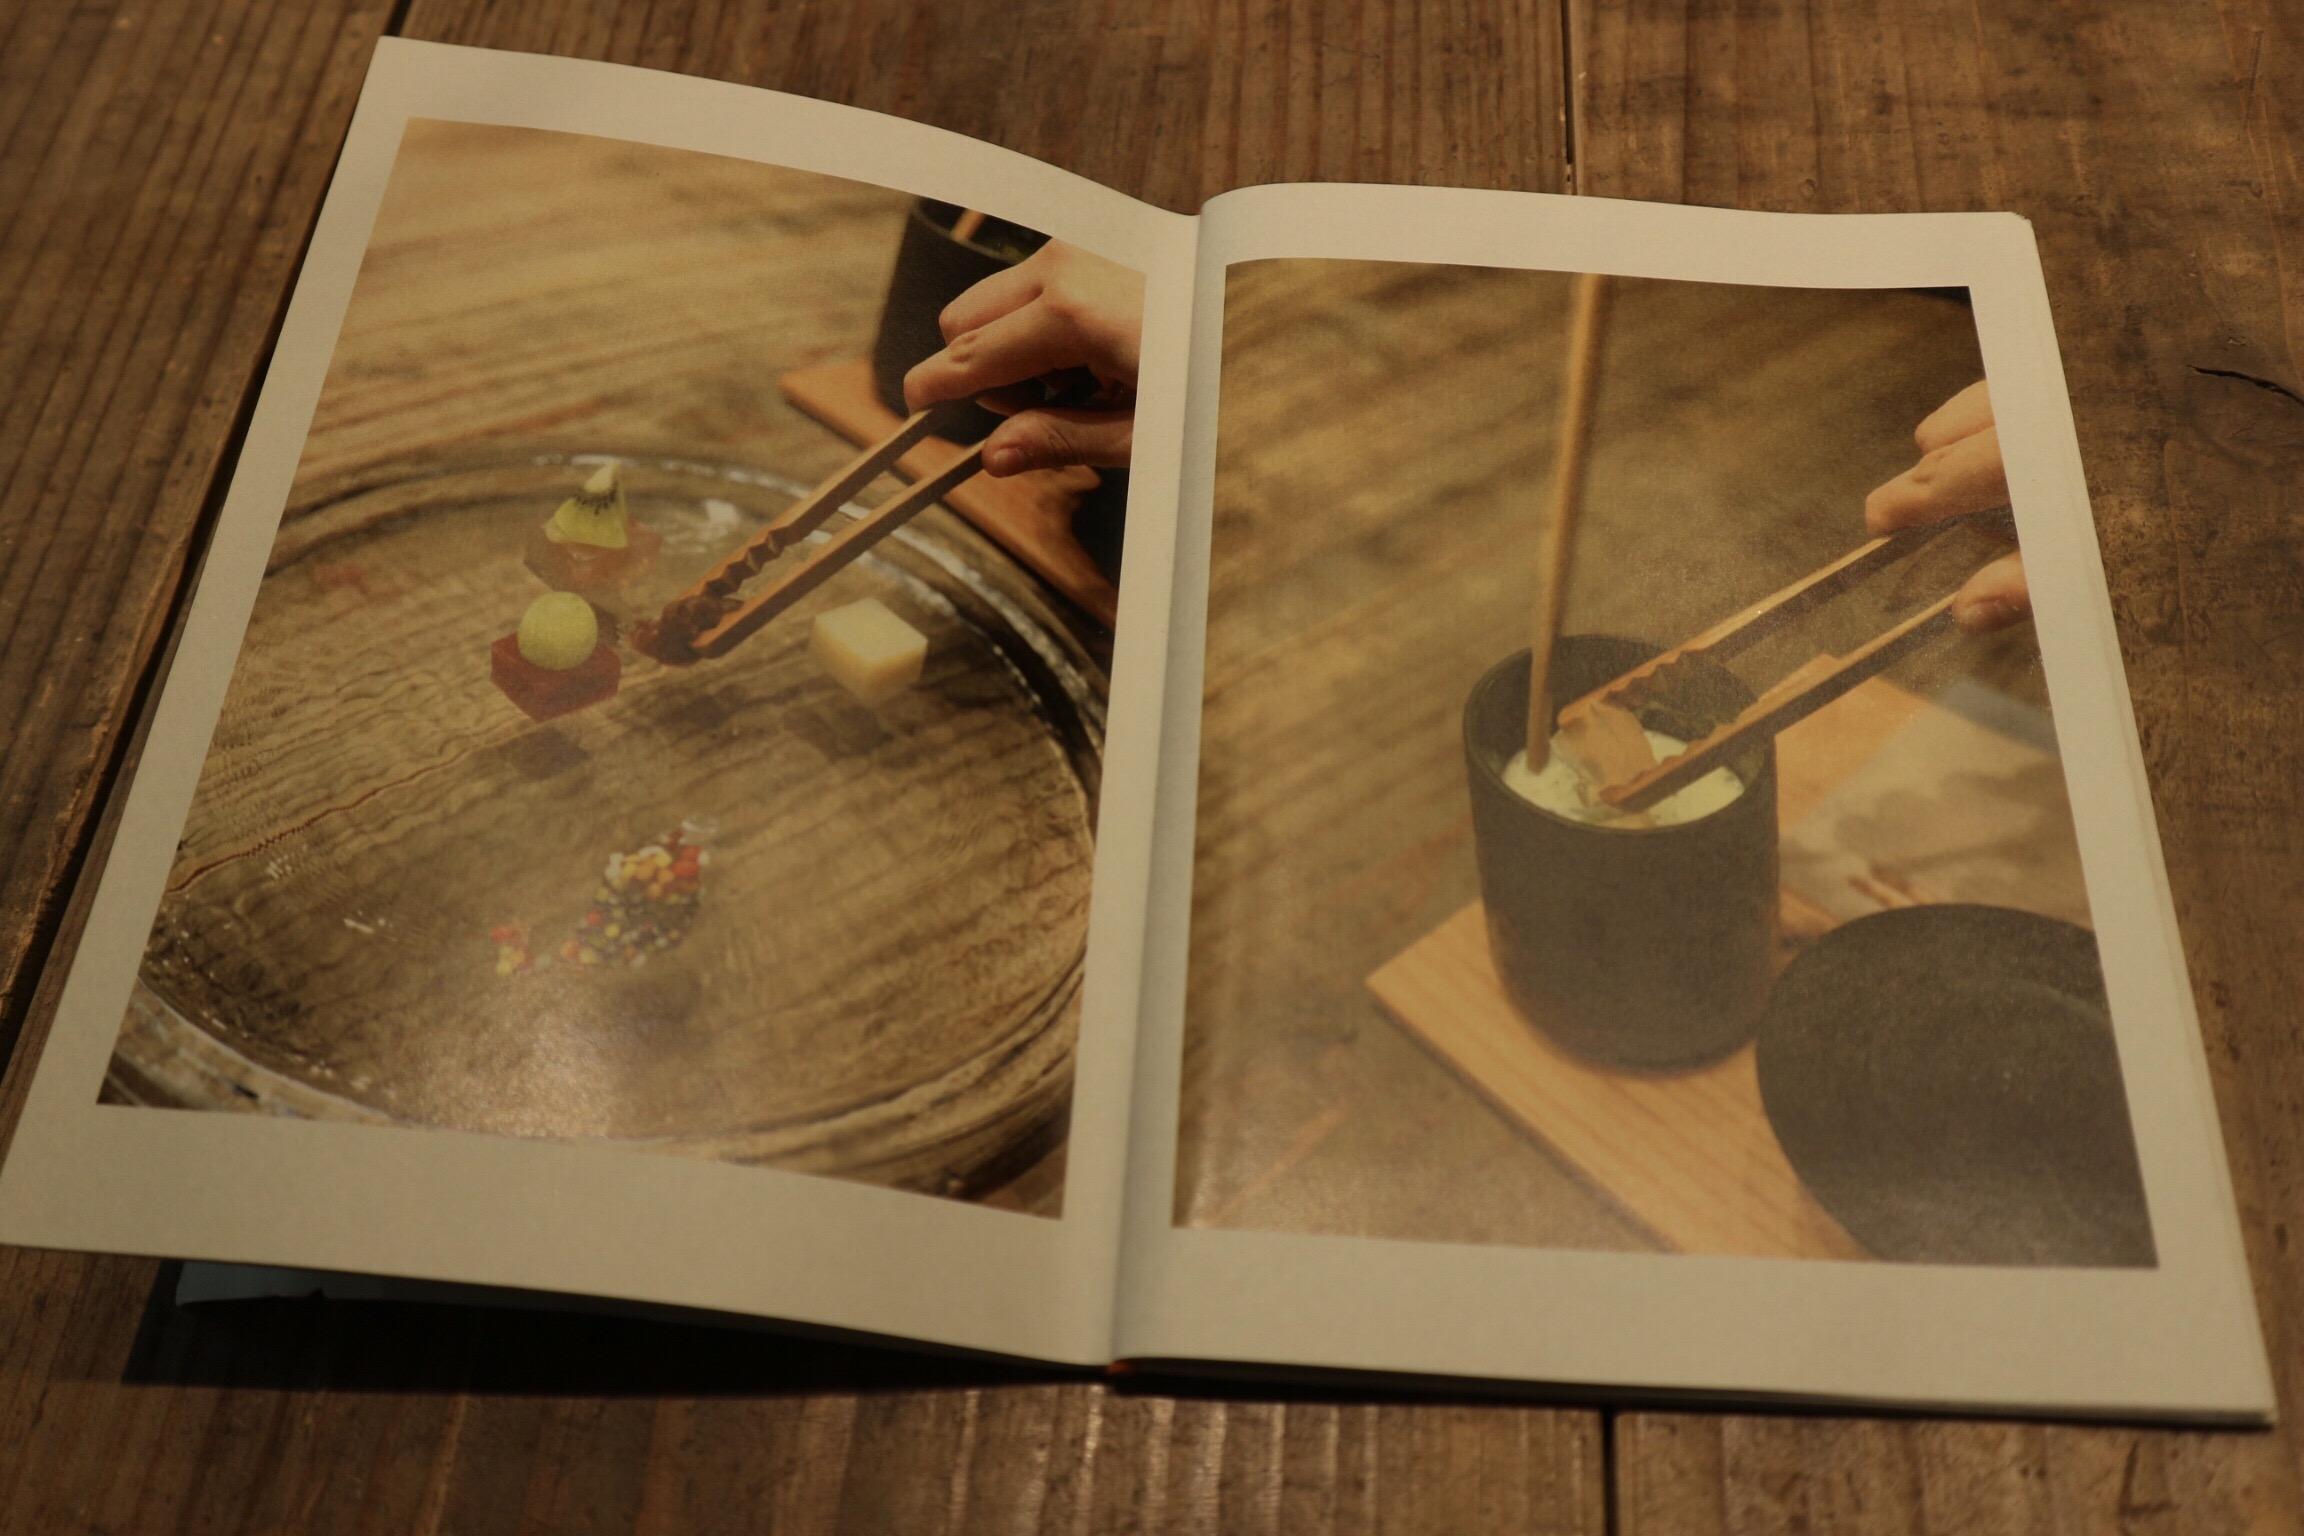 【京都】まるで宝石のような手織り菓子❤︎あの有名なお店の菓子店❤︎_5